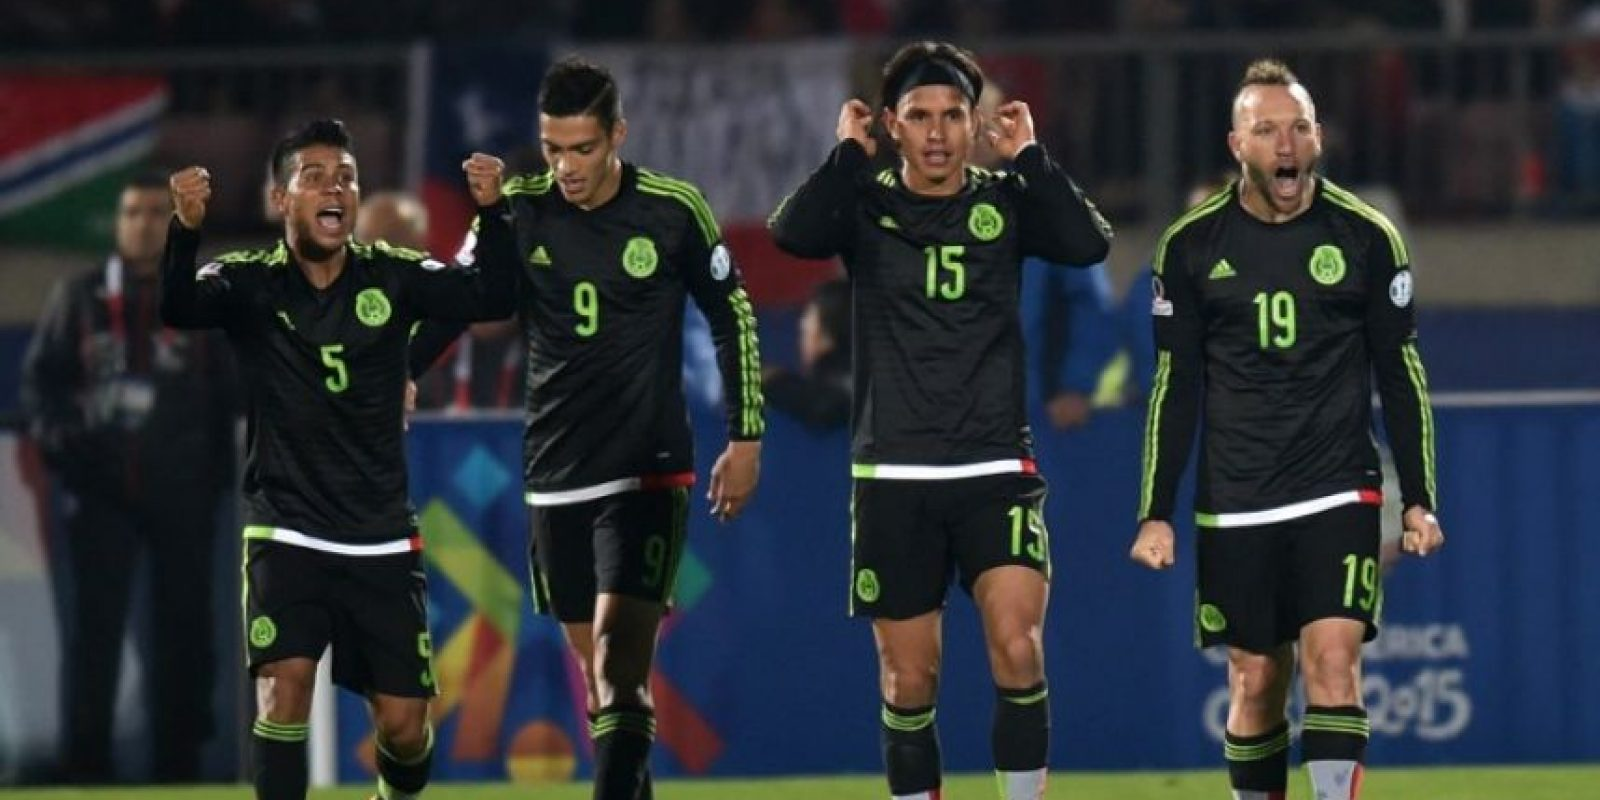 Los aztecas suman dos puntos en el torneo Foto:AFP